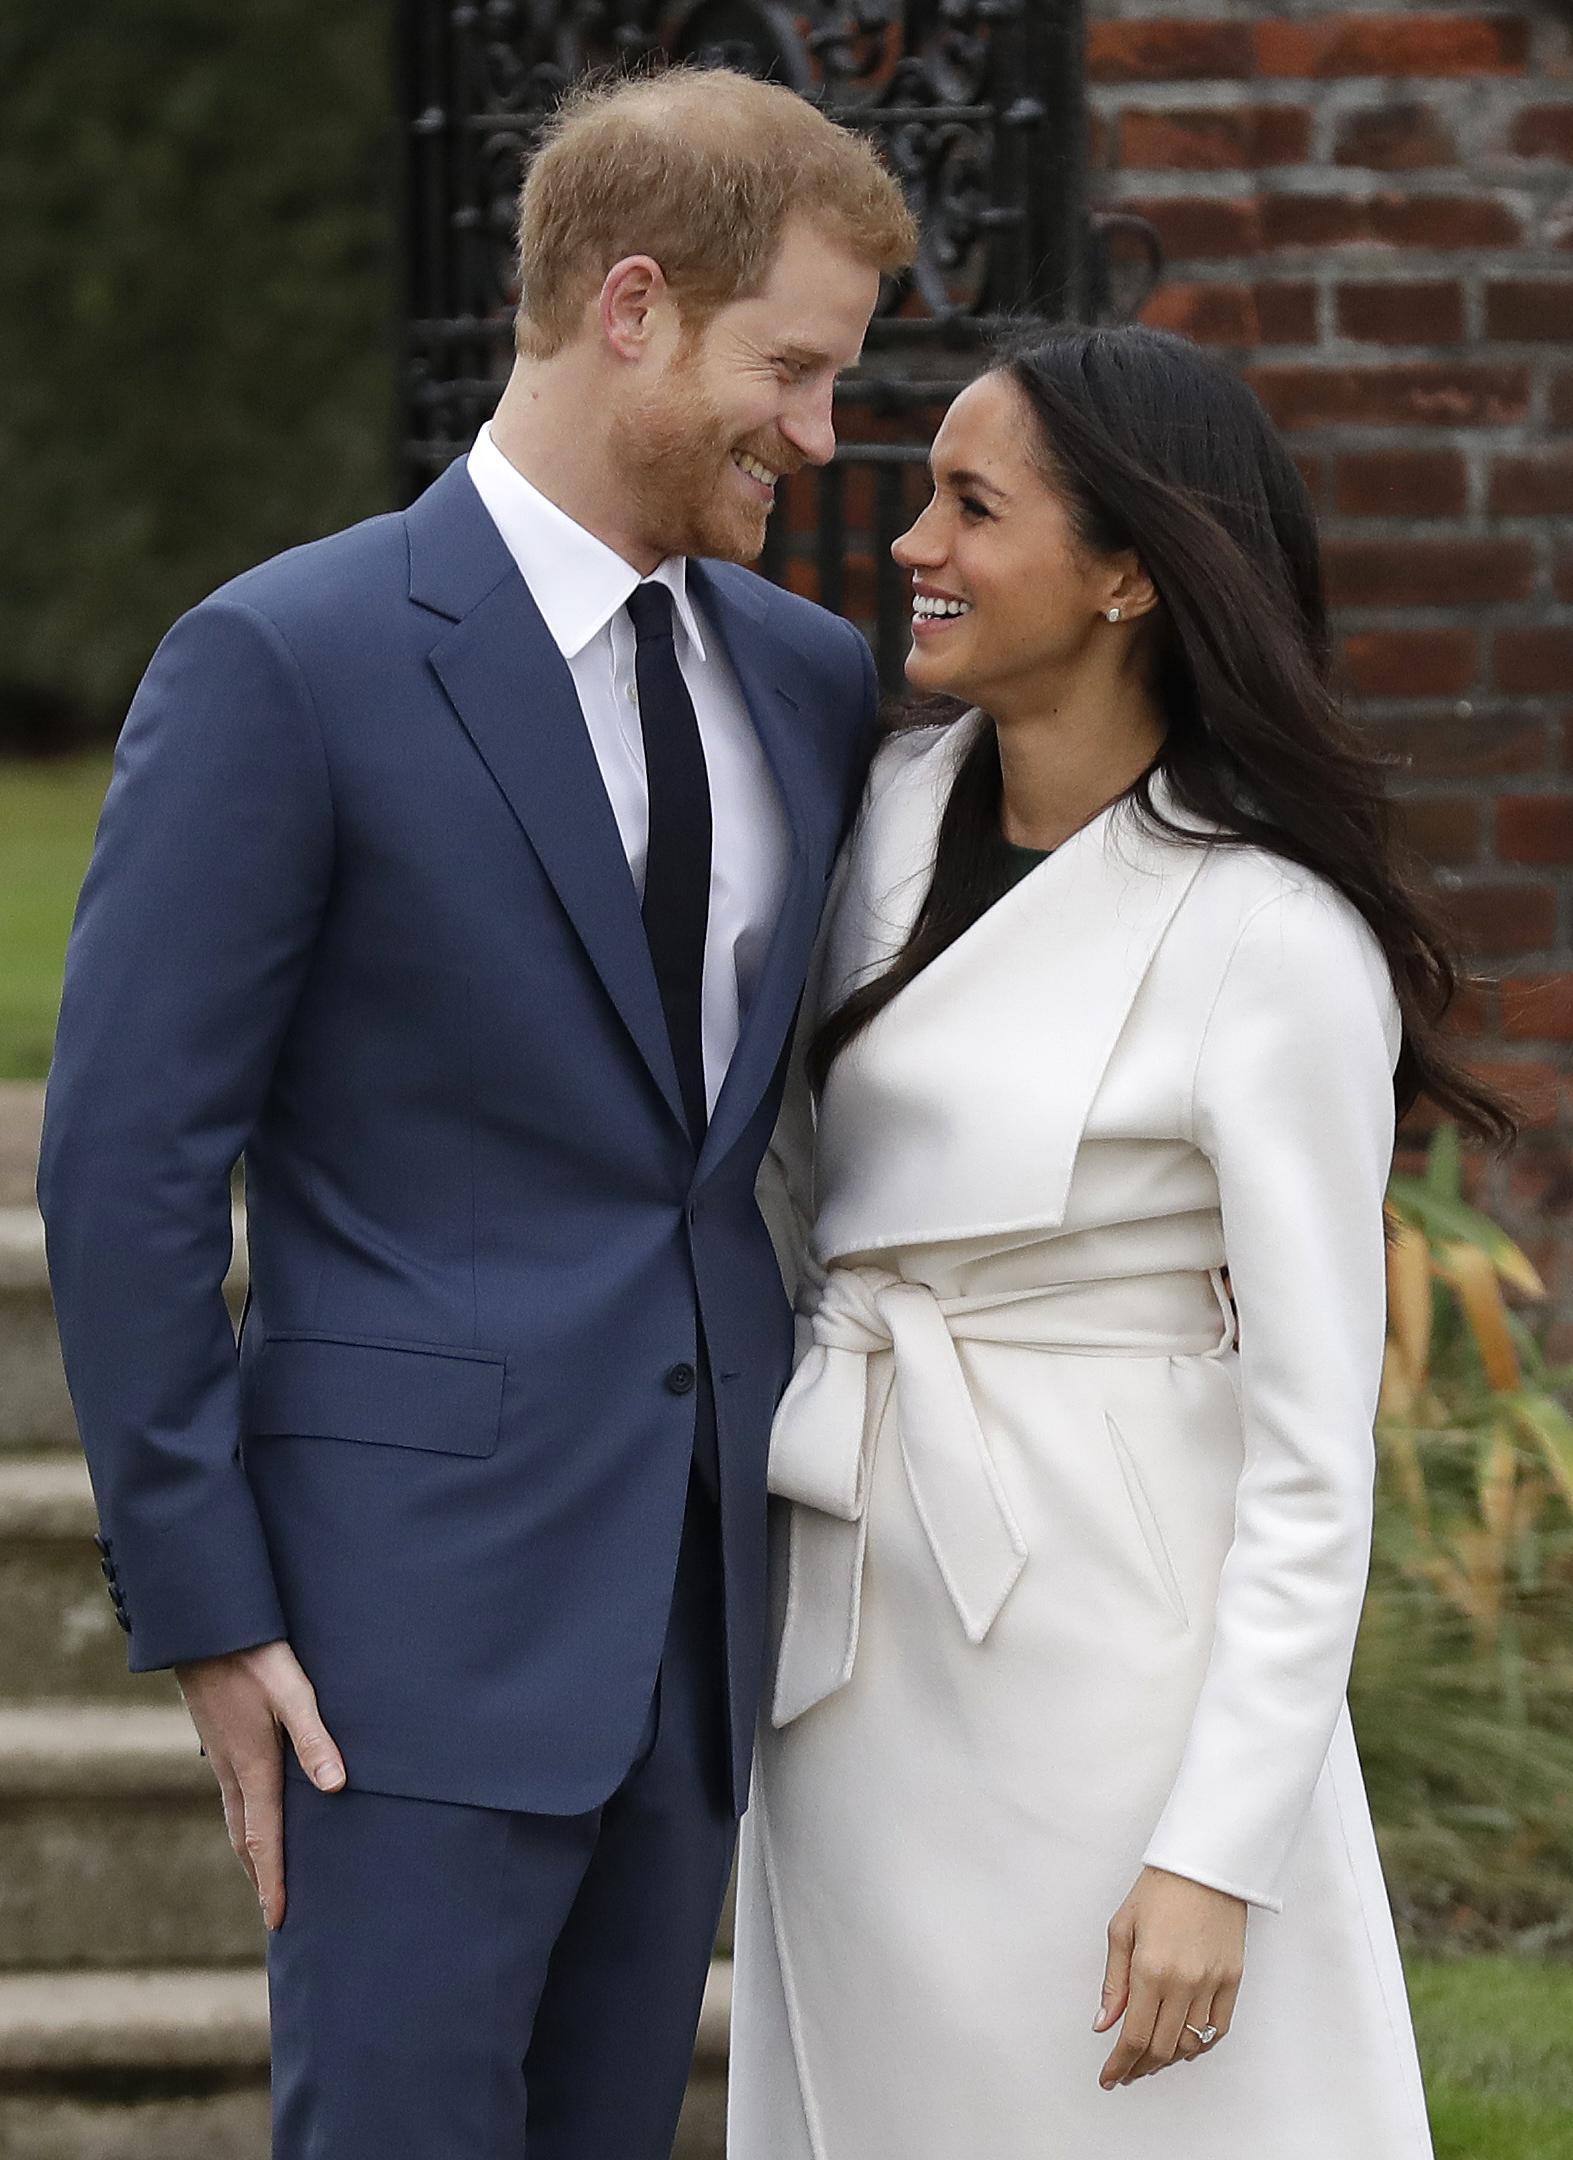 El 27 de noviembre de 2017 anunciaron que se casarían en la próxima primavera. (Archivo)